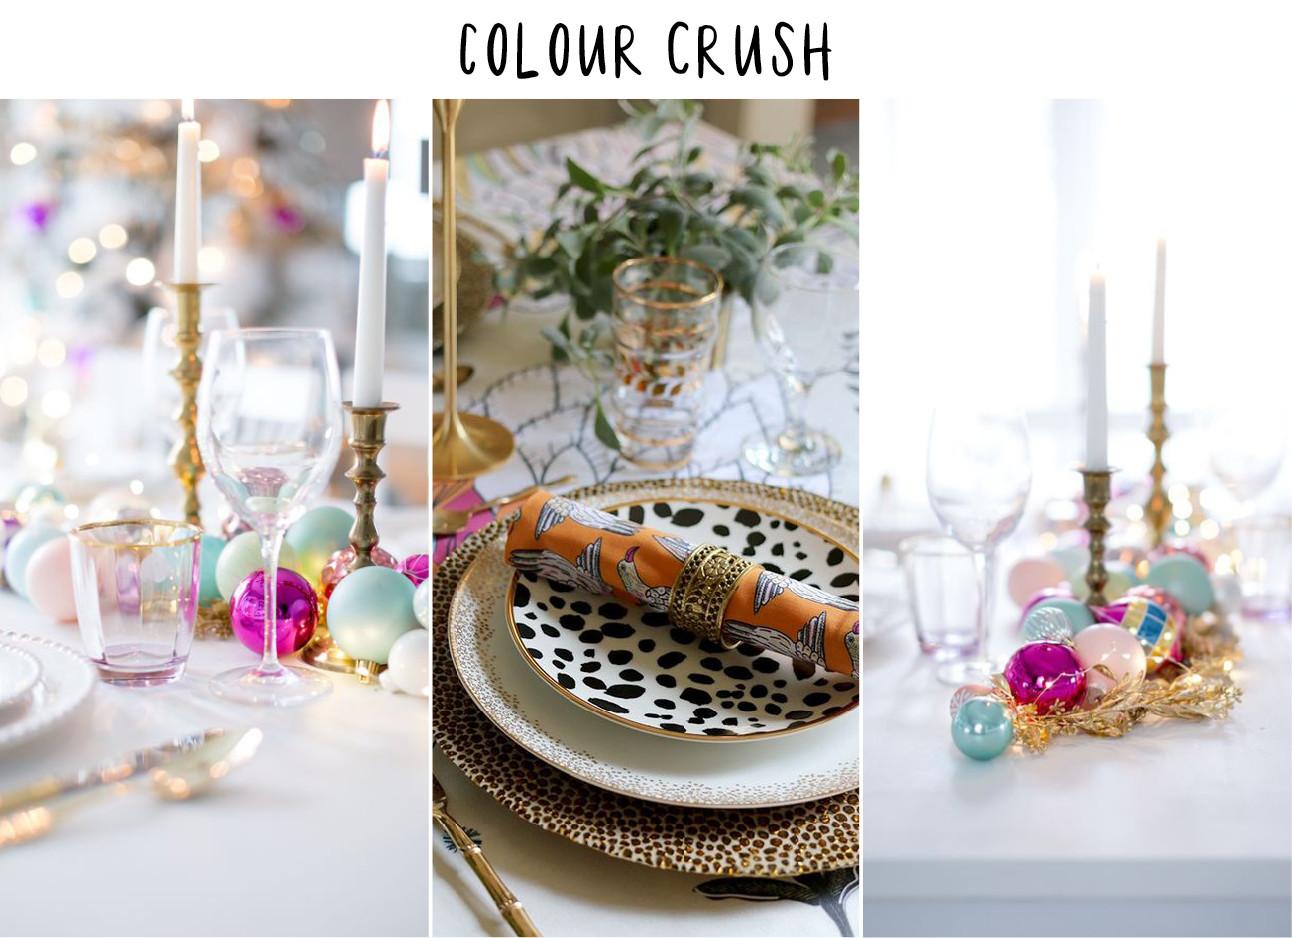 zo dek je je kersttafel als een stylingpro: color crush